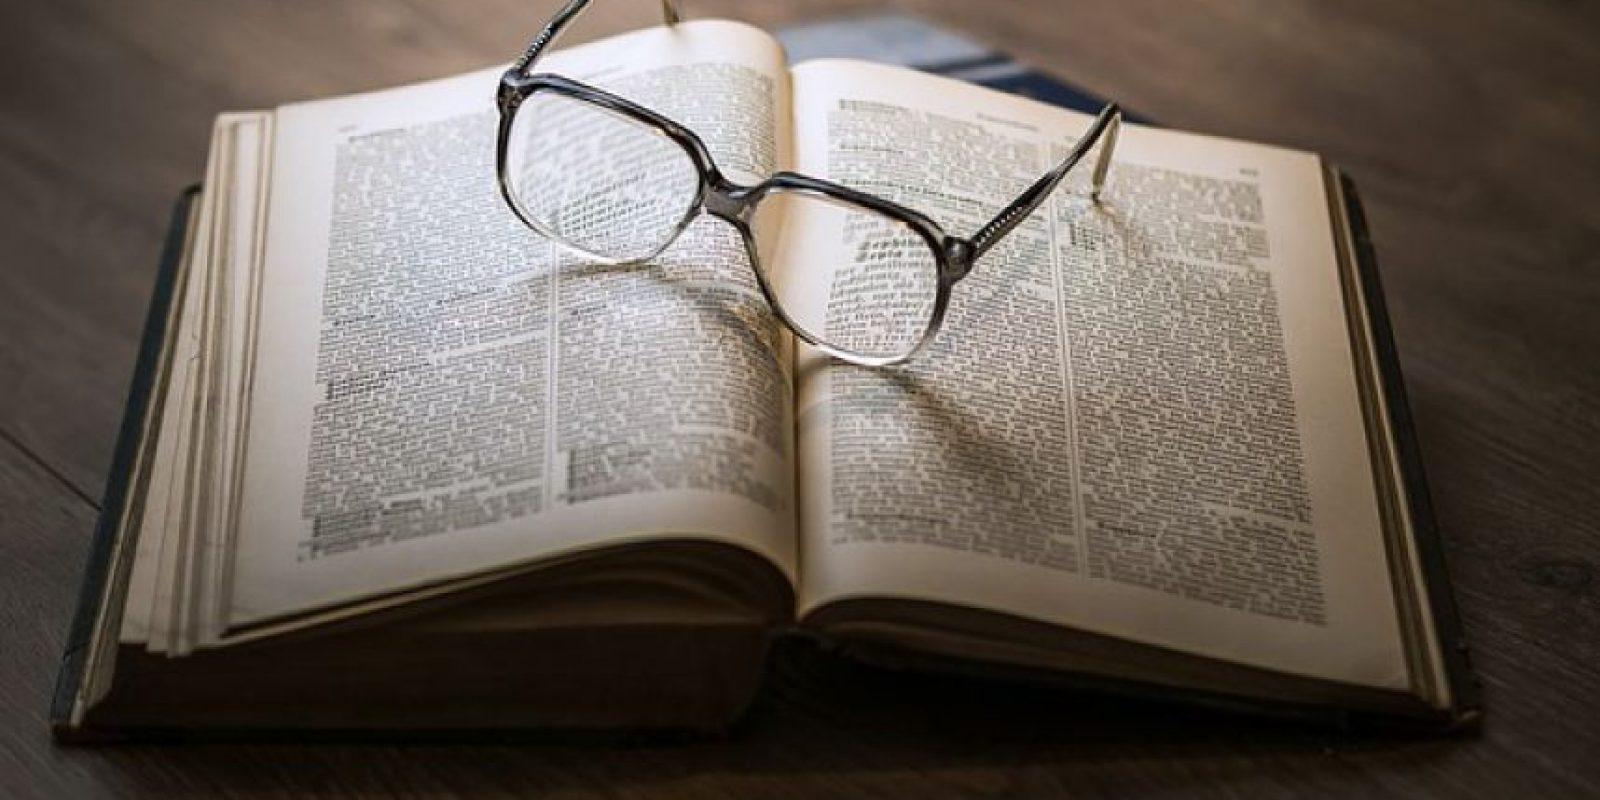 Calidad en la educación (pública y privada) Foto:Pixabay